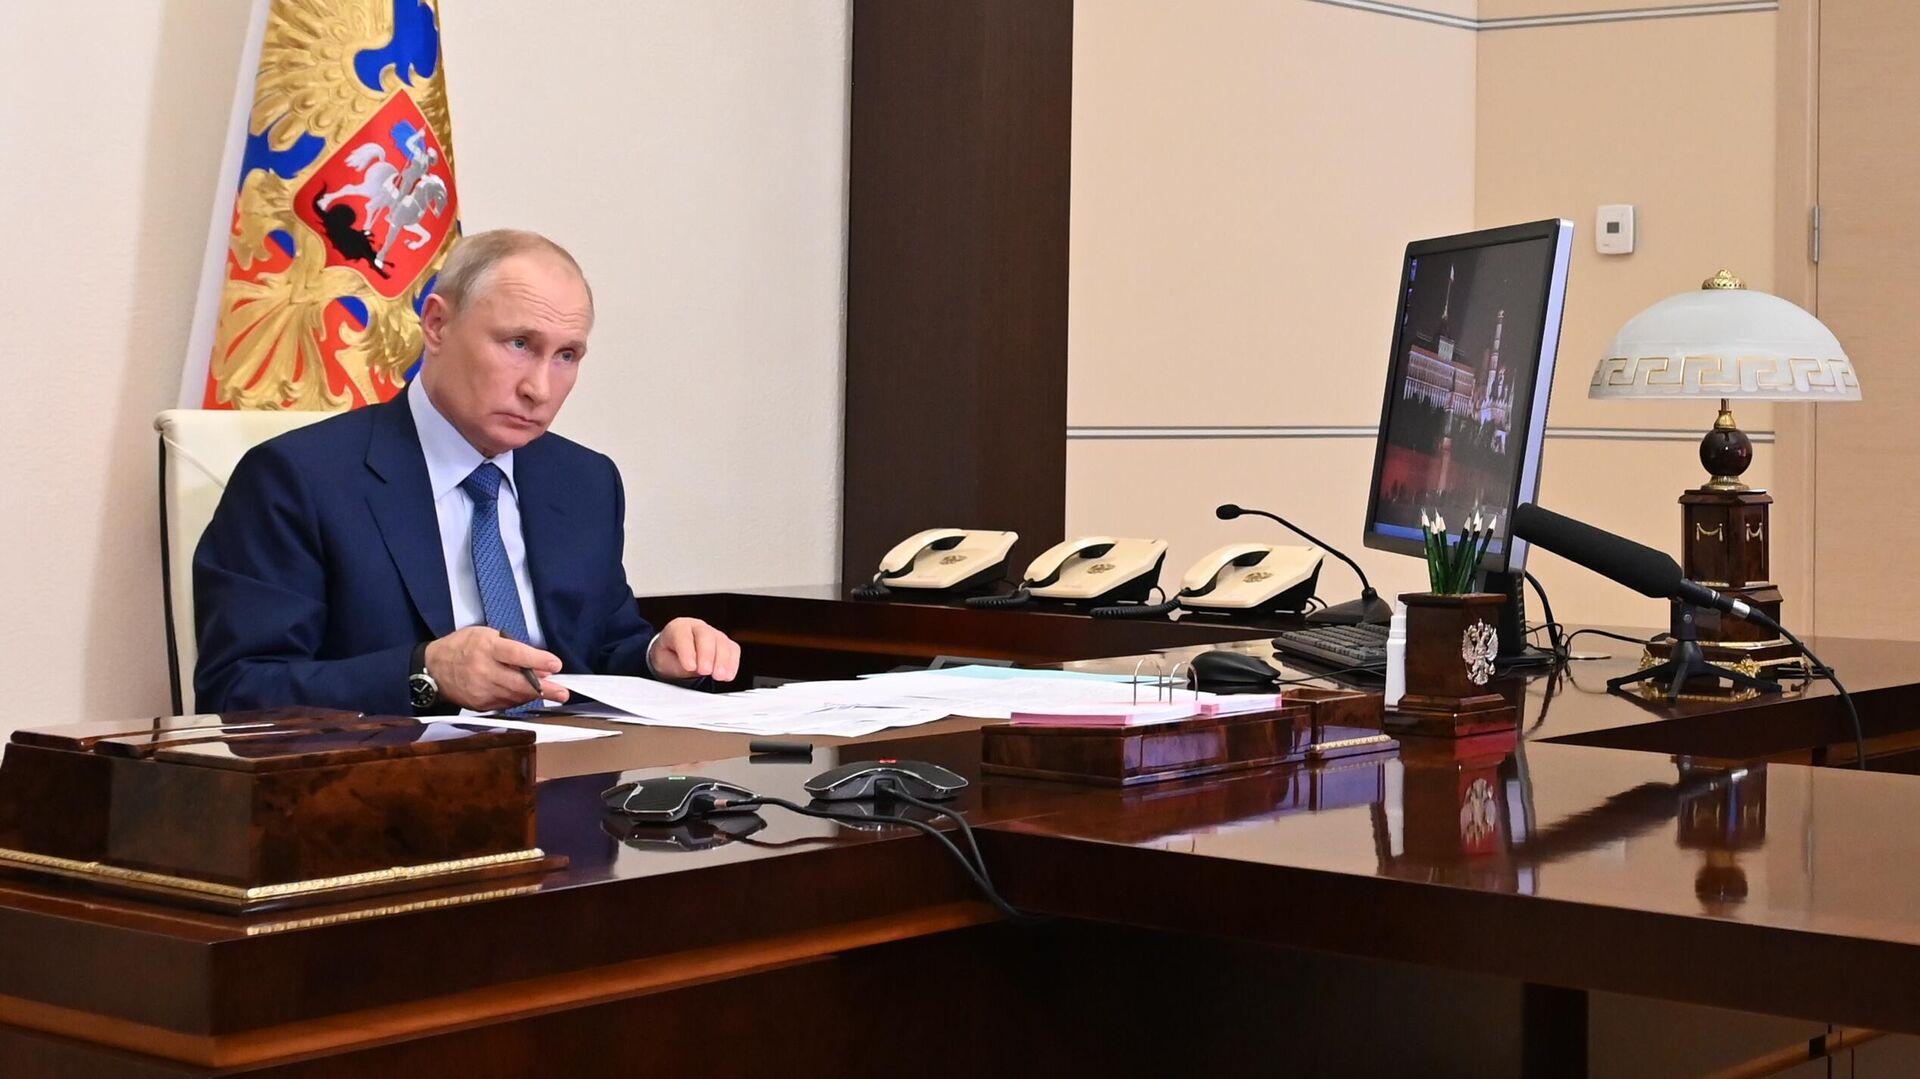 Президент РФ Владимир Путин во время рабочей встречи в режиме видеоконференции с главой Чеченской Республики Рамзаном Кадыровым - РИА Новости, 1920, 24.06.2021